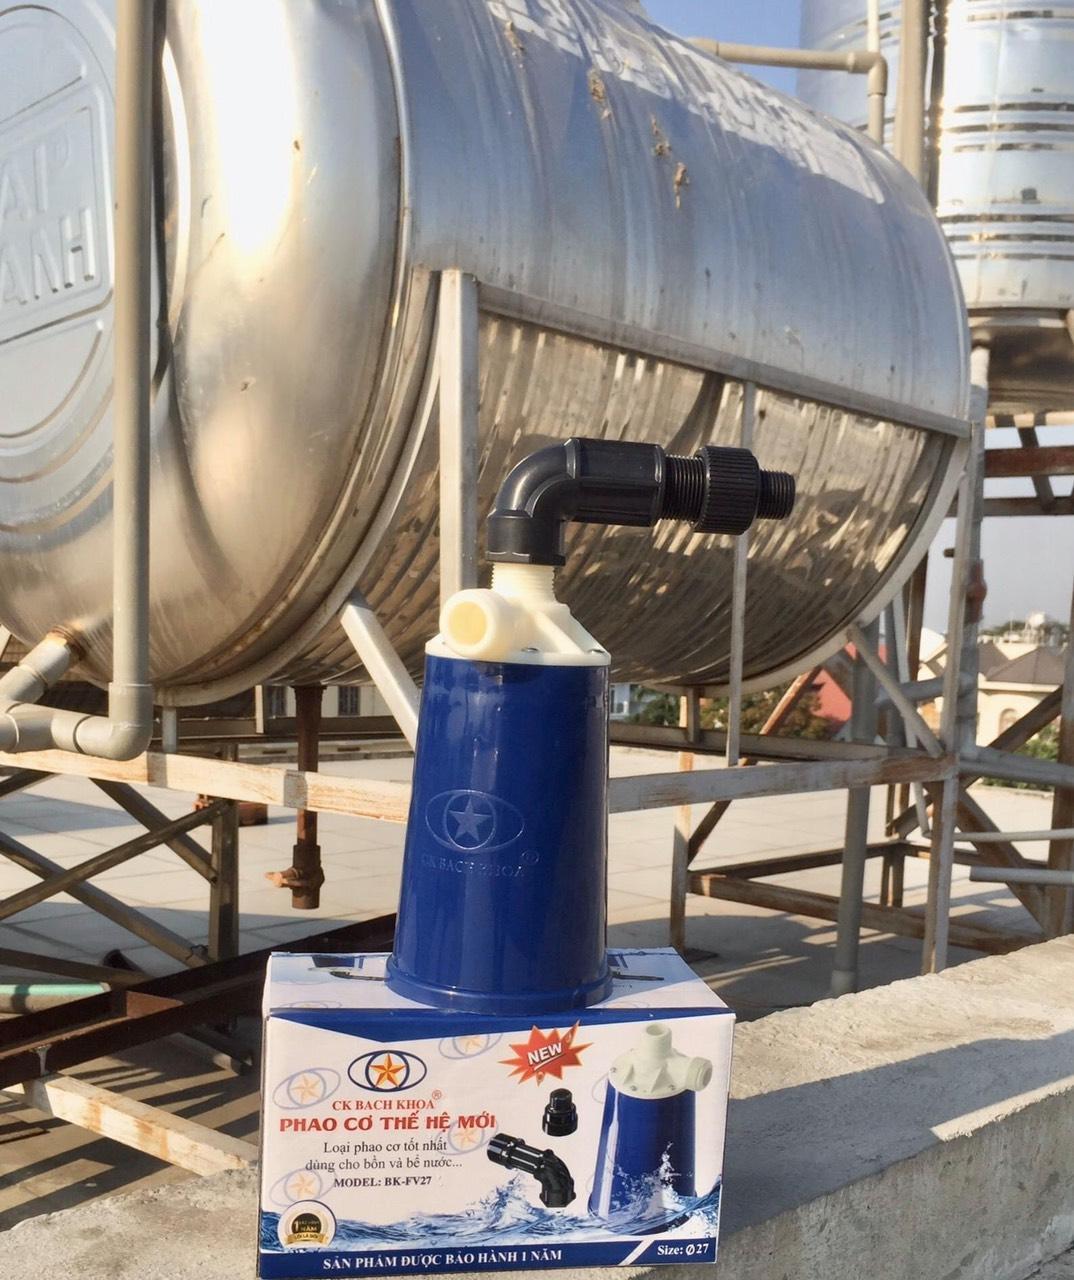 Phao cơ bồn nước lắp đặt mọi khu vực